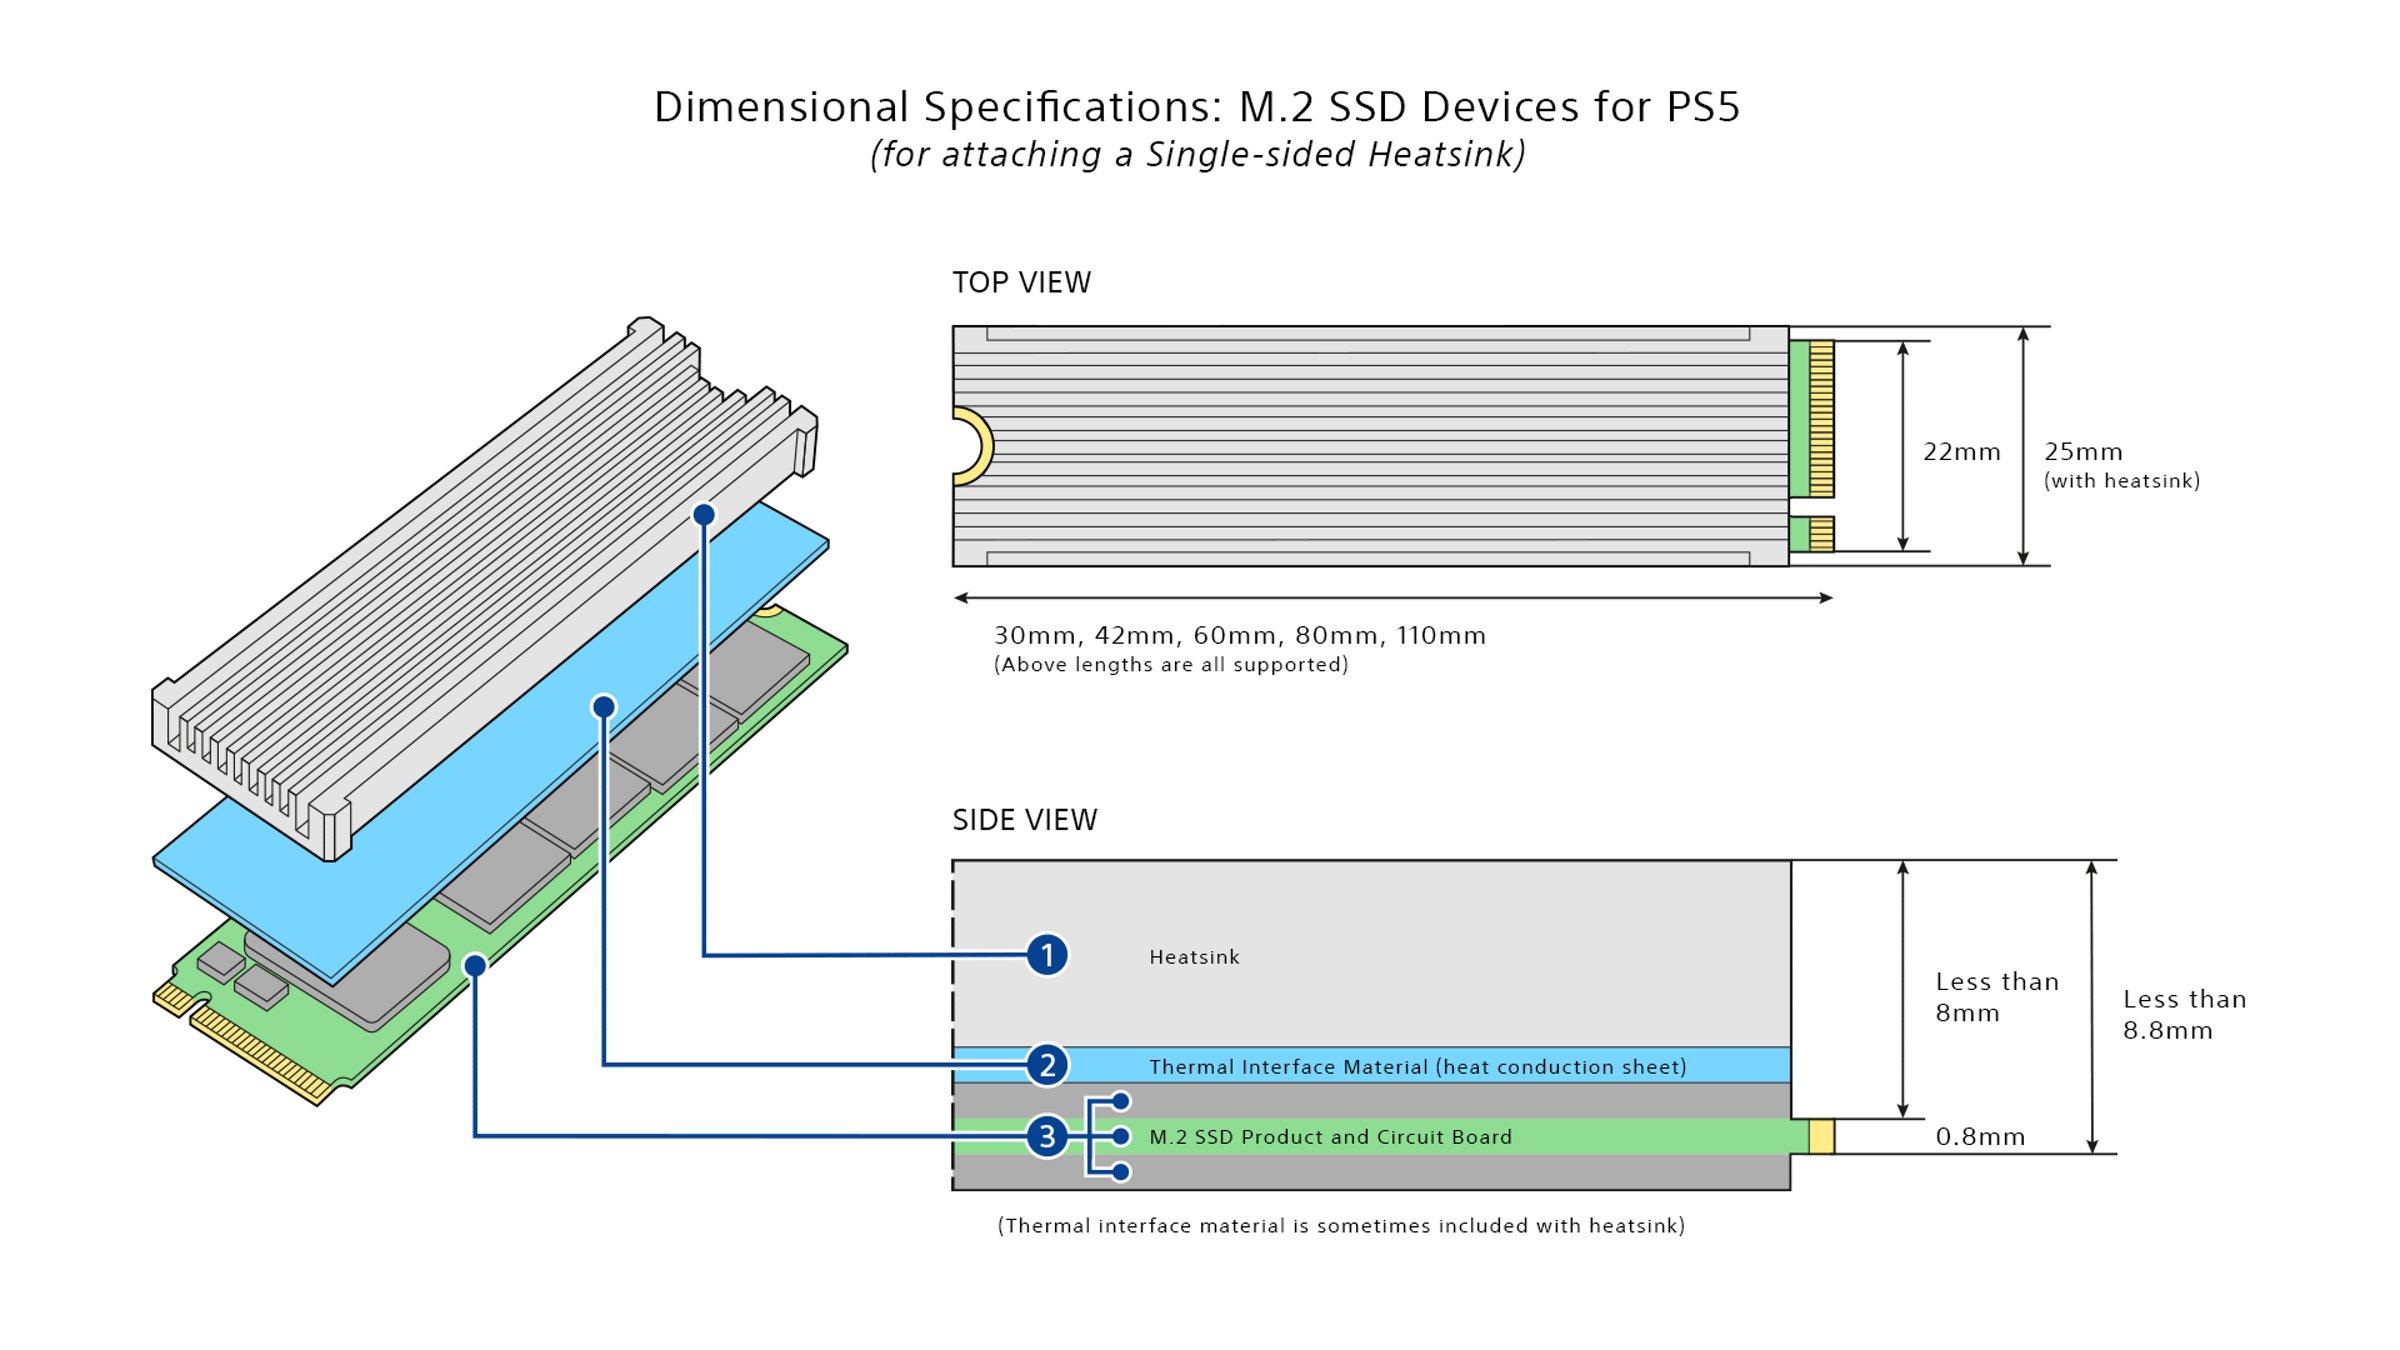 Поддержка слота SSD появится в PS5 уже в следующем обновлении